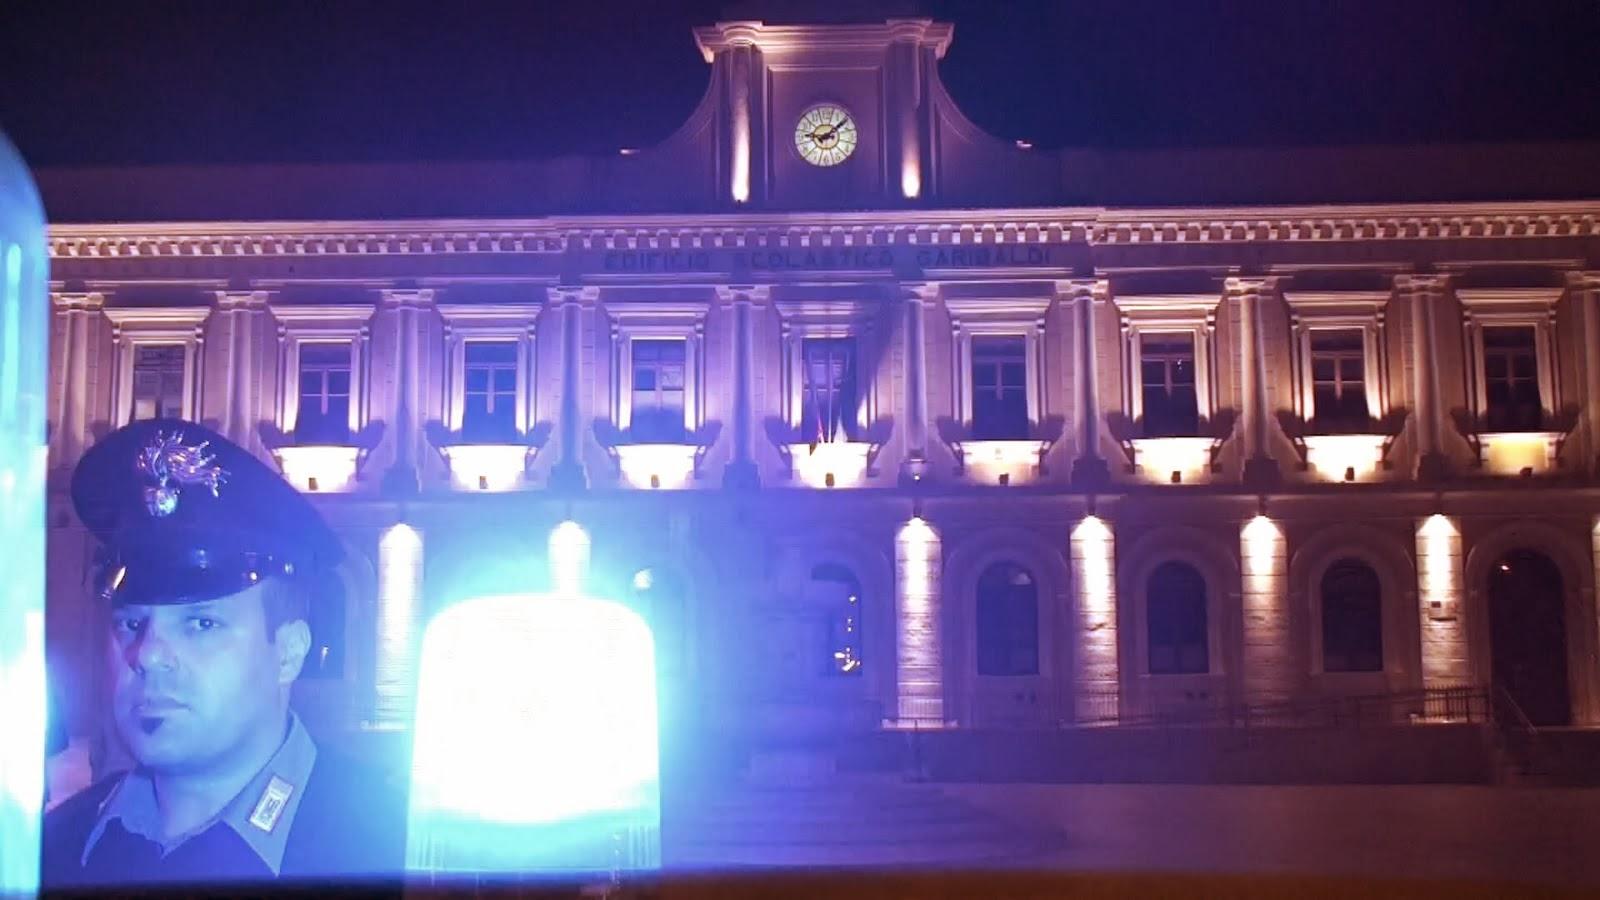 Bari in sicurezza dai Carabinieri, Legione Regionale e Provinciale